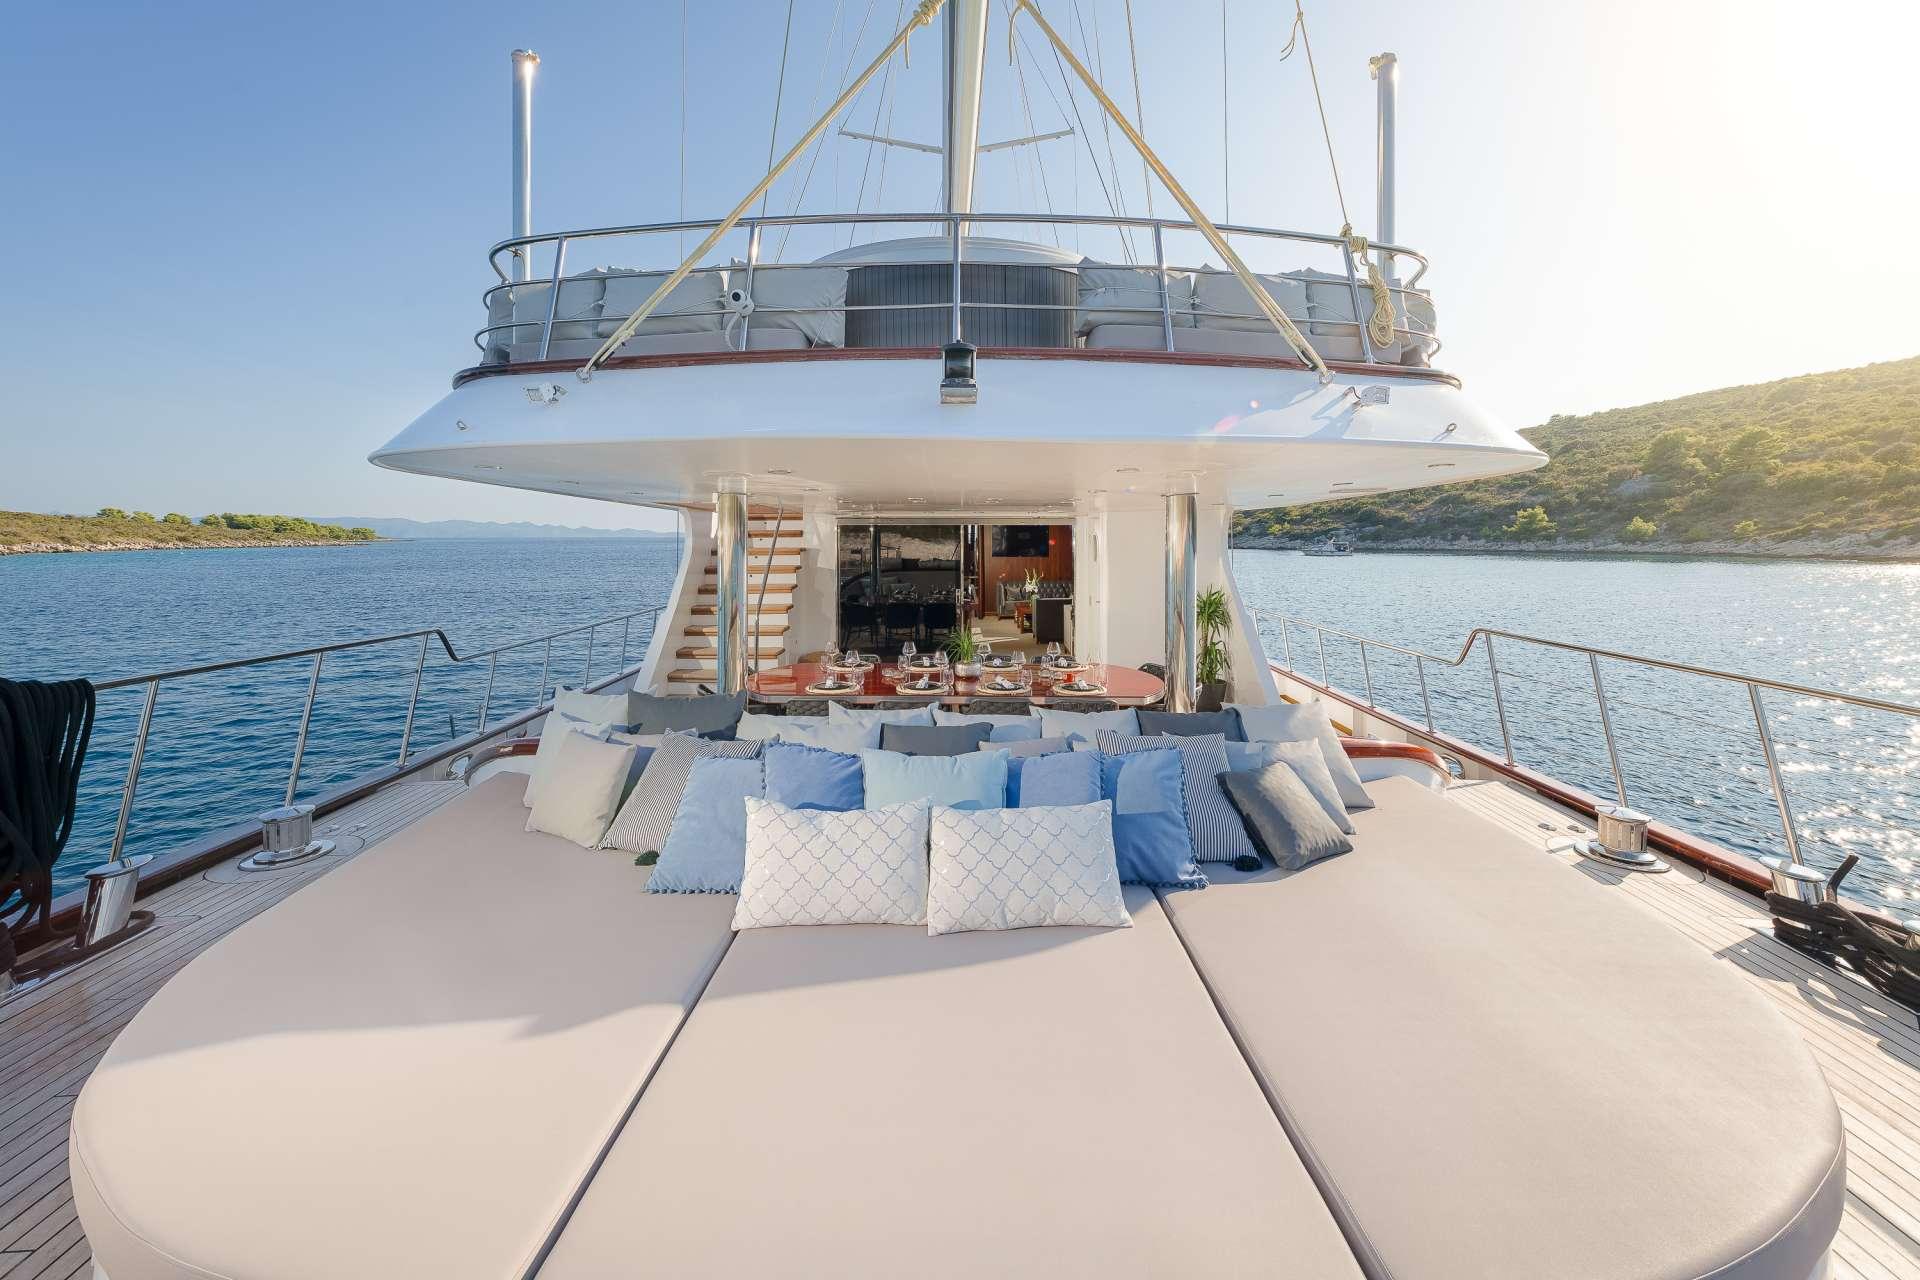 Lounge area - Aft Main Deck